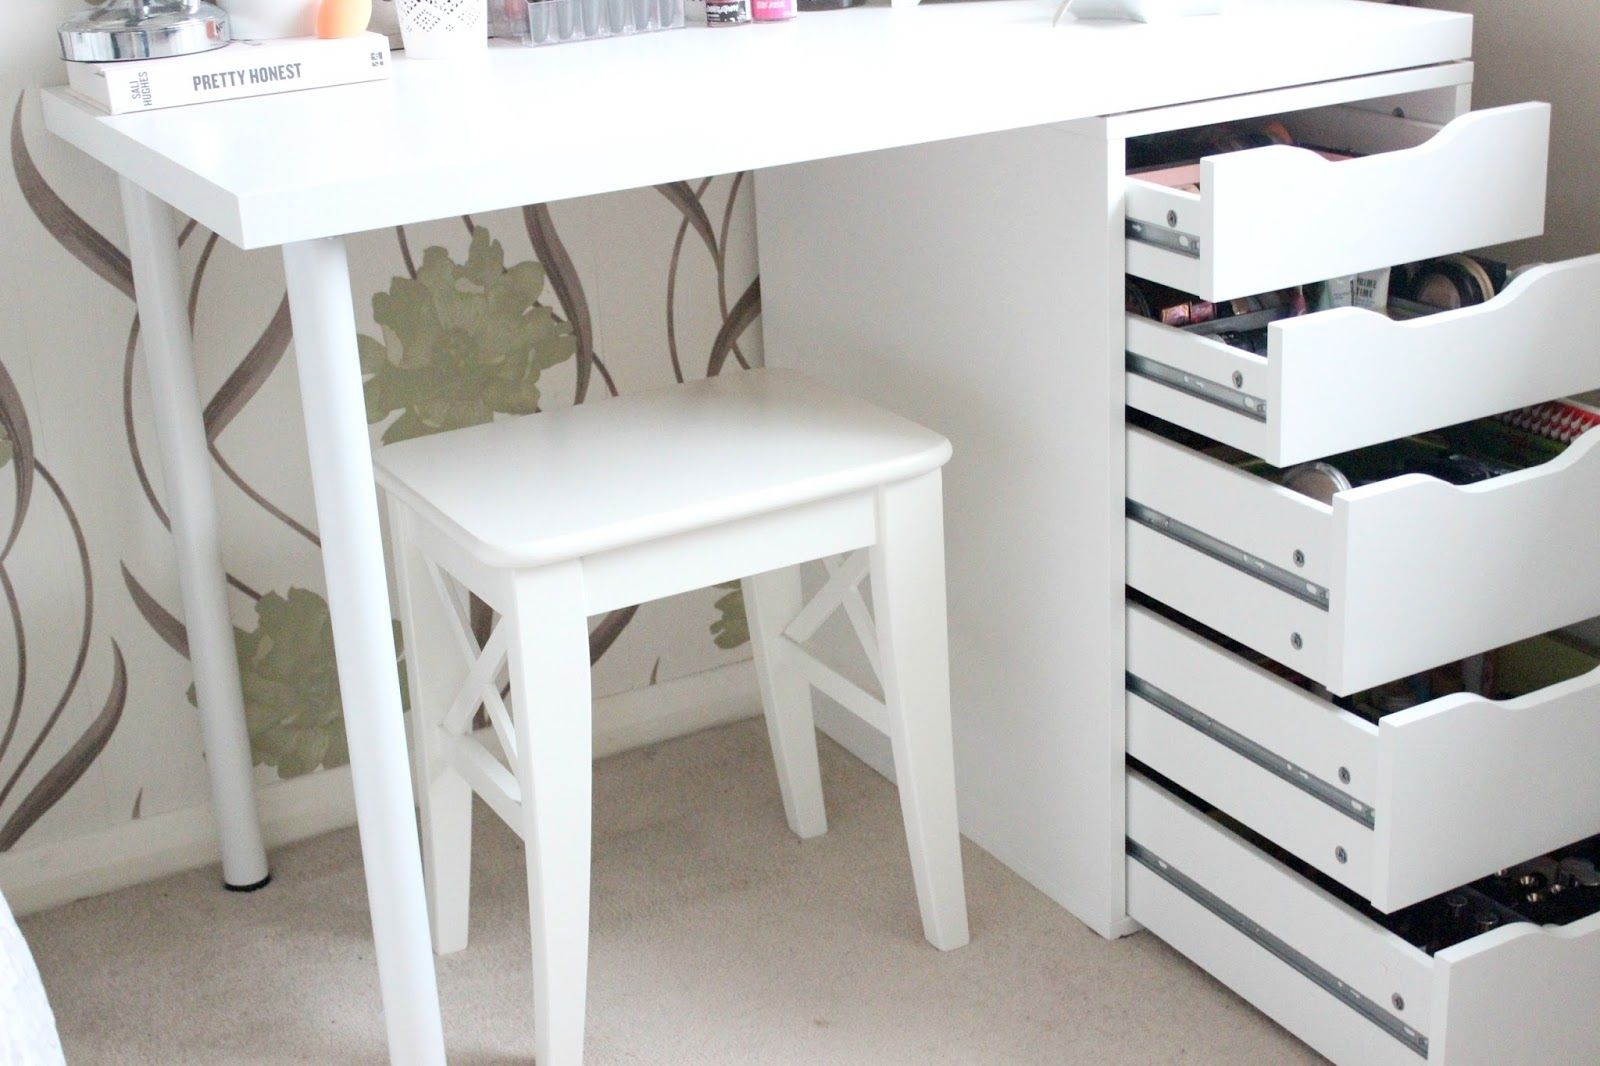 DIY Ikea Vanity & Makeup Storage Ikea vanity, Ikea diy